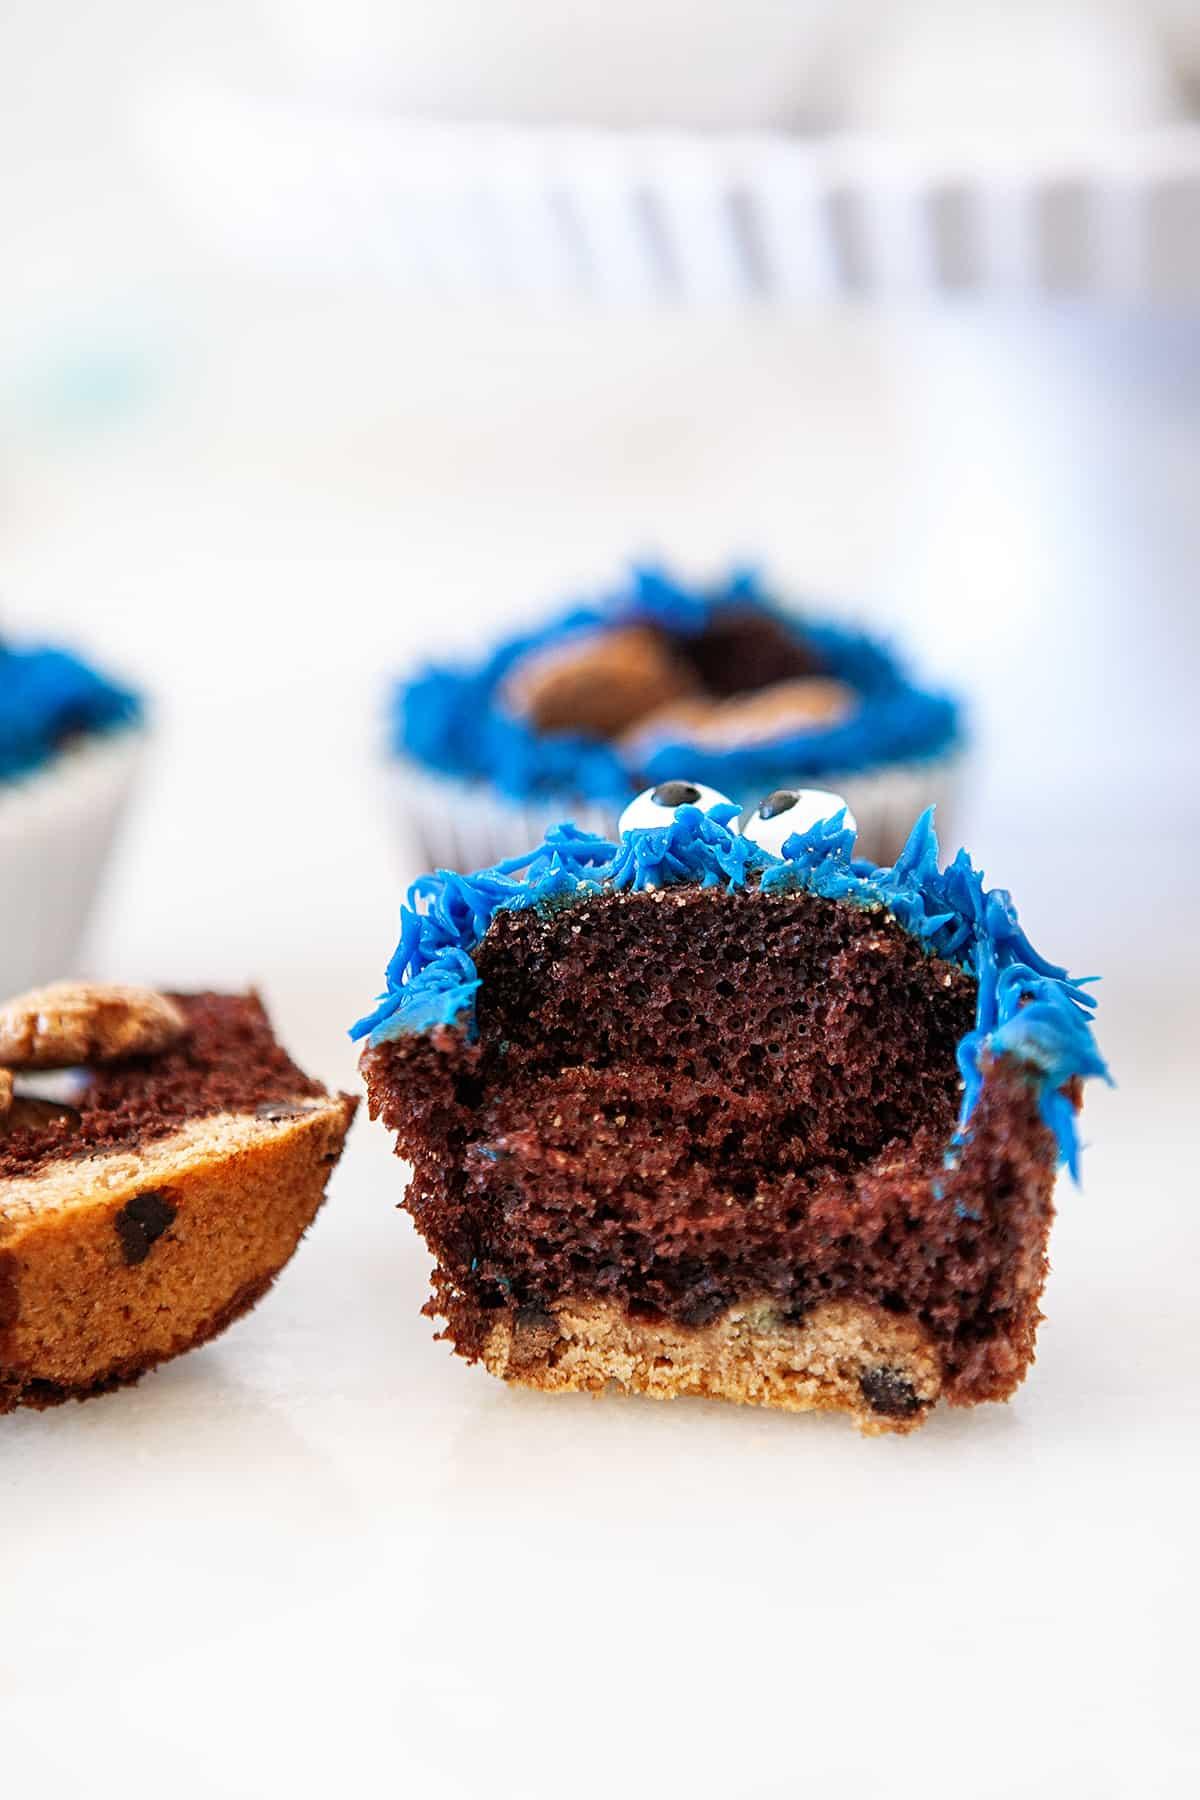 Fun Cookie Monster Cupcakes cut in half